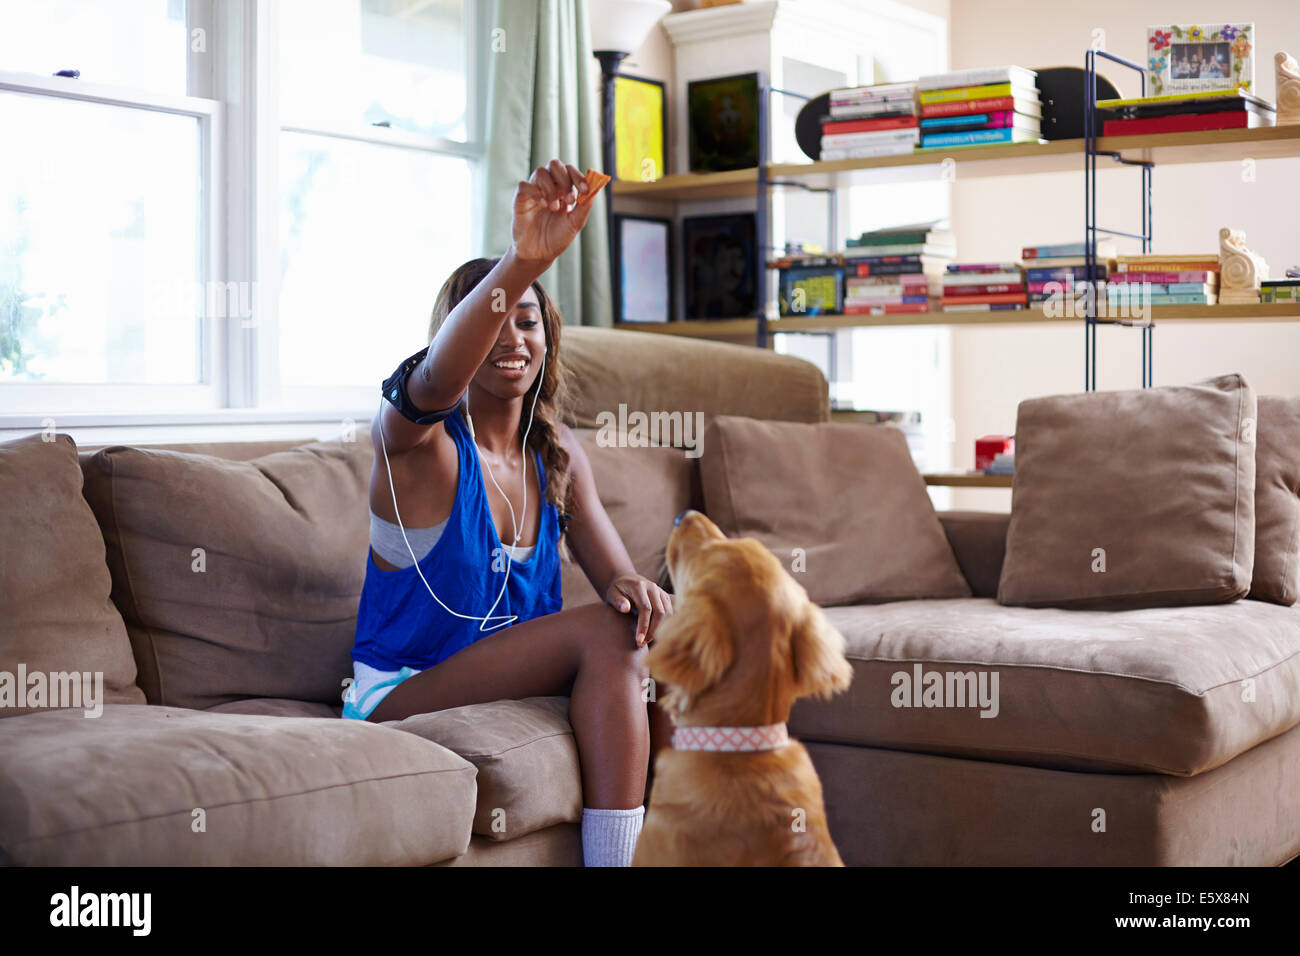 Mujer joven tomando un descanso de formación, celebración de galletas para perros en salón. Imagen De Stock